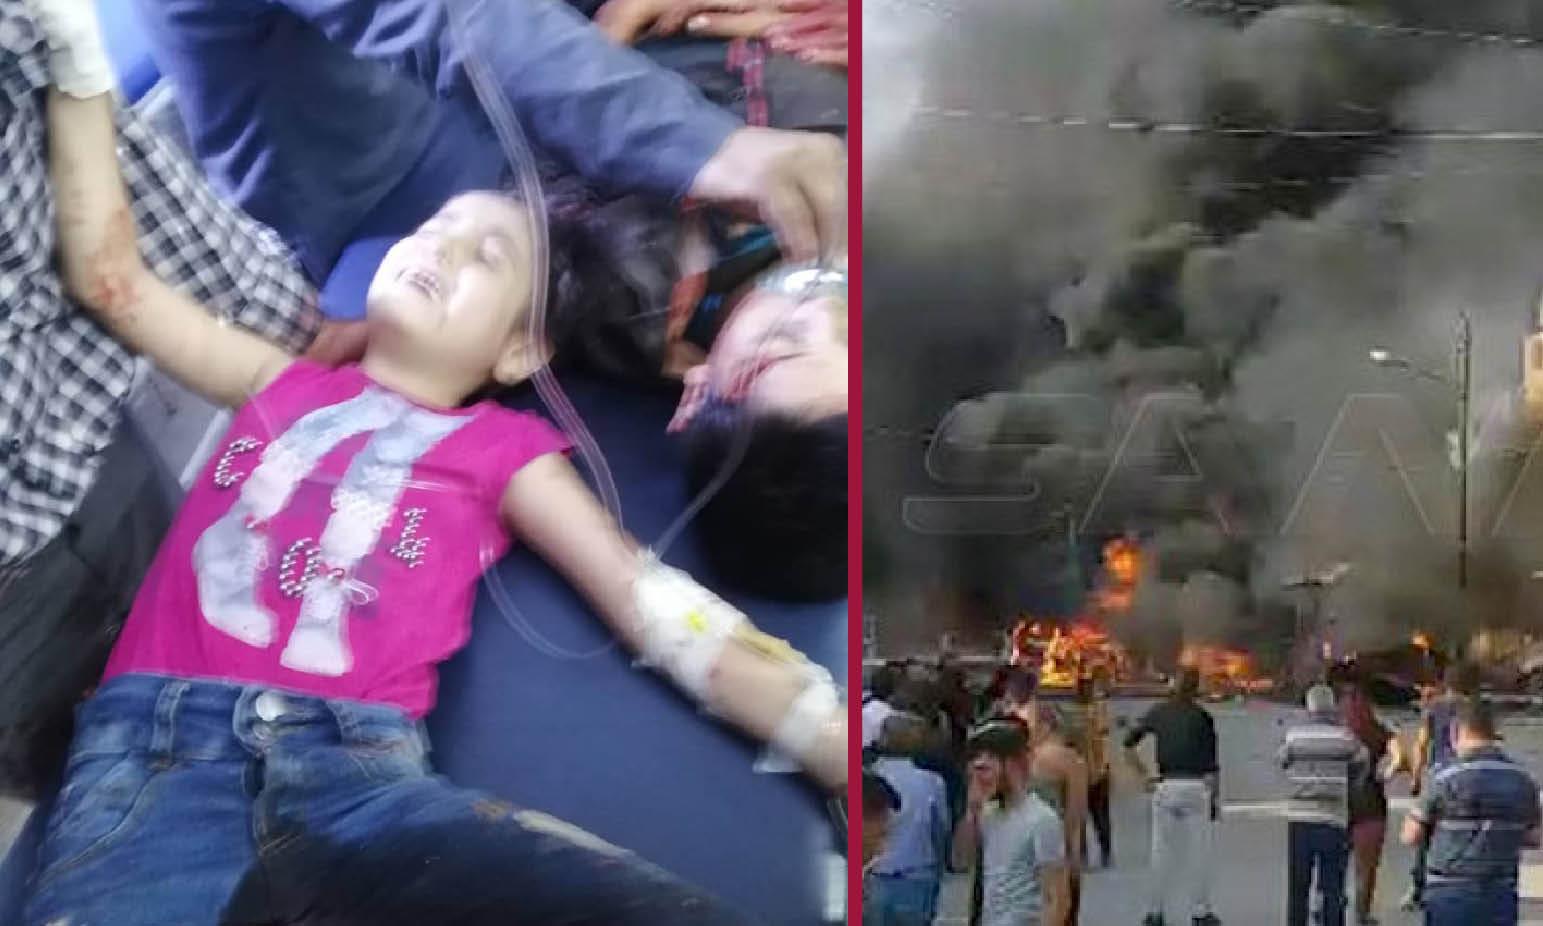 SARA, BAMBINA MARTIRE IN SIRIA. Cristiani tra due fuochi. Rojava senz'acqua. Autobomba Isis